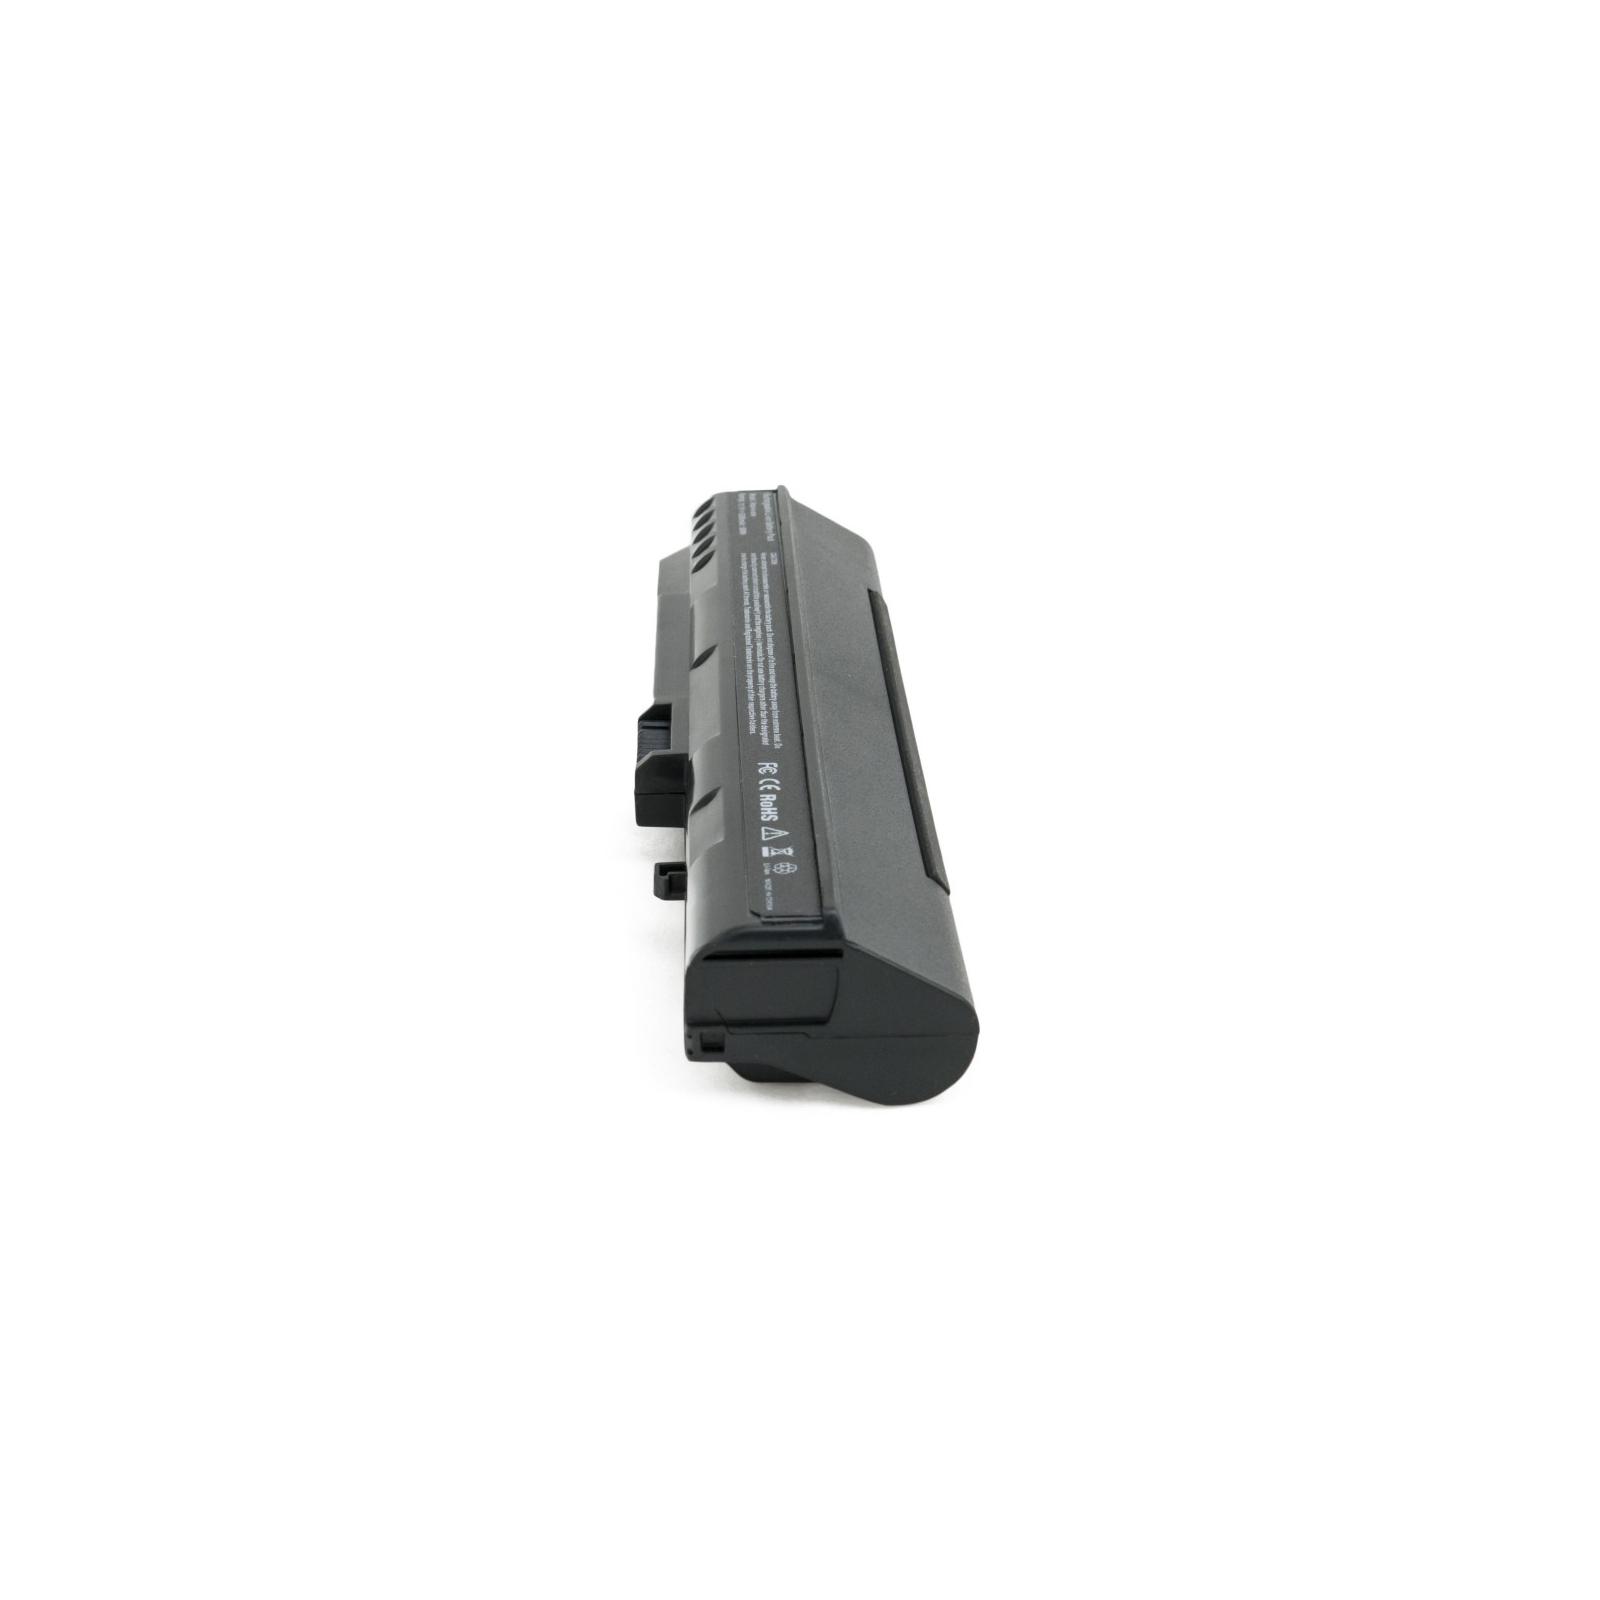 Аккумулятор для ноутбука Acer Aspire One A150 (UM08A71) 5200 mAh EXTRADIGITAL (BNA3914) изображение 5